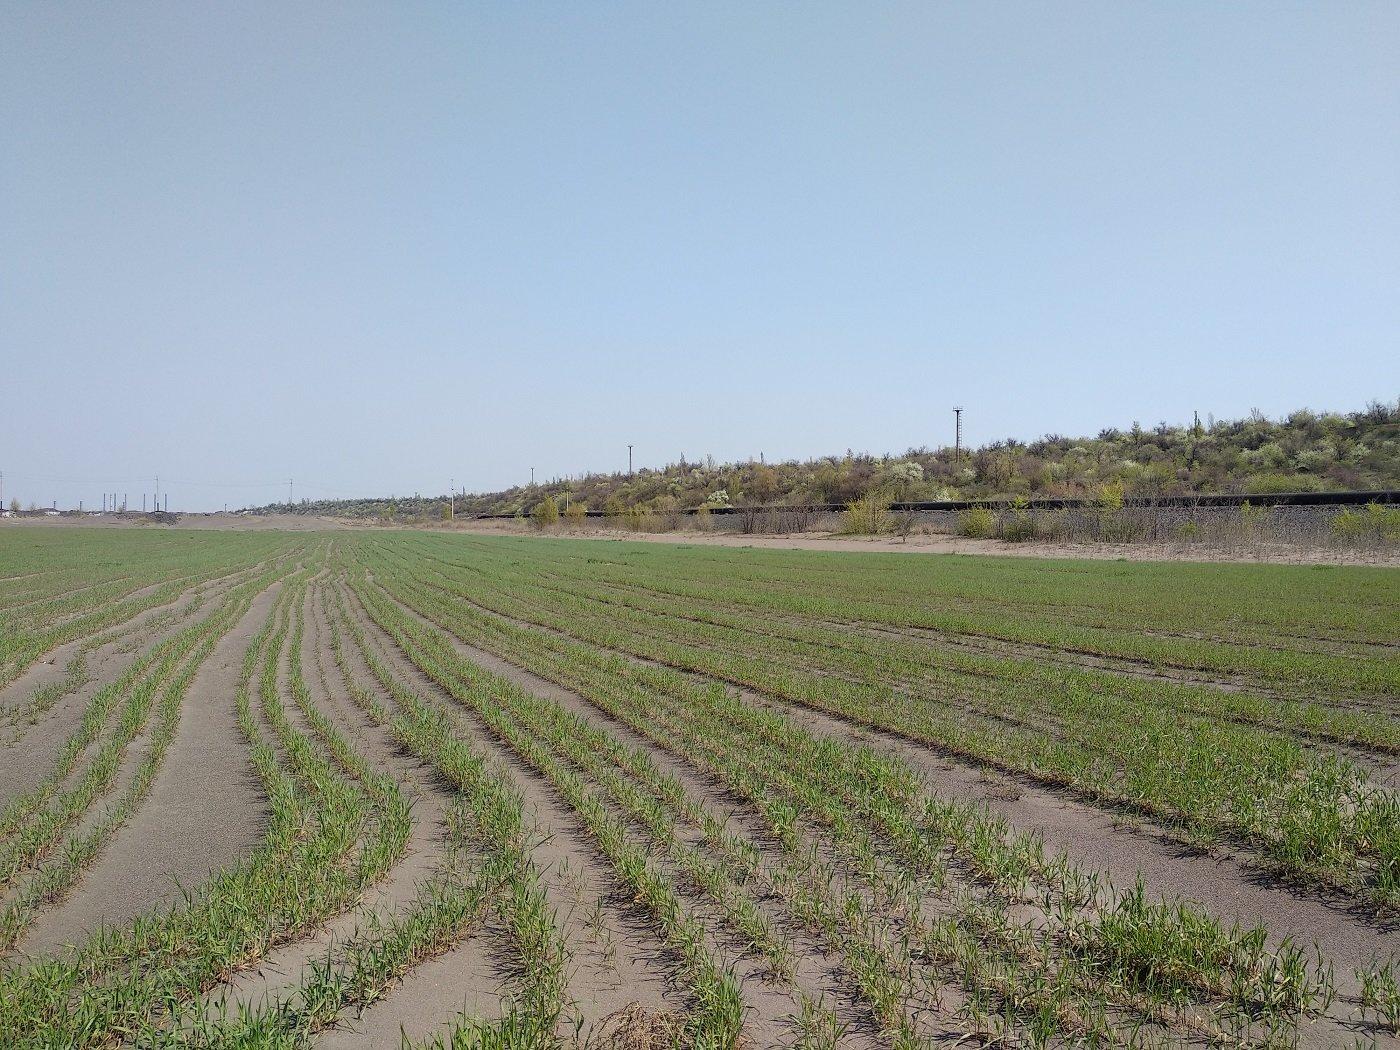 Центральный ГОК использует зеленые технологии в борьбе с пылью, фото-2